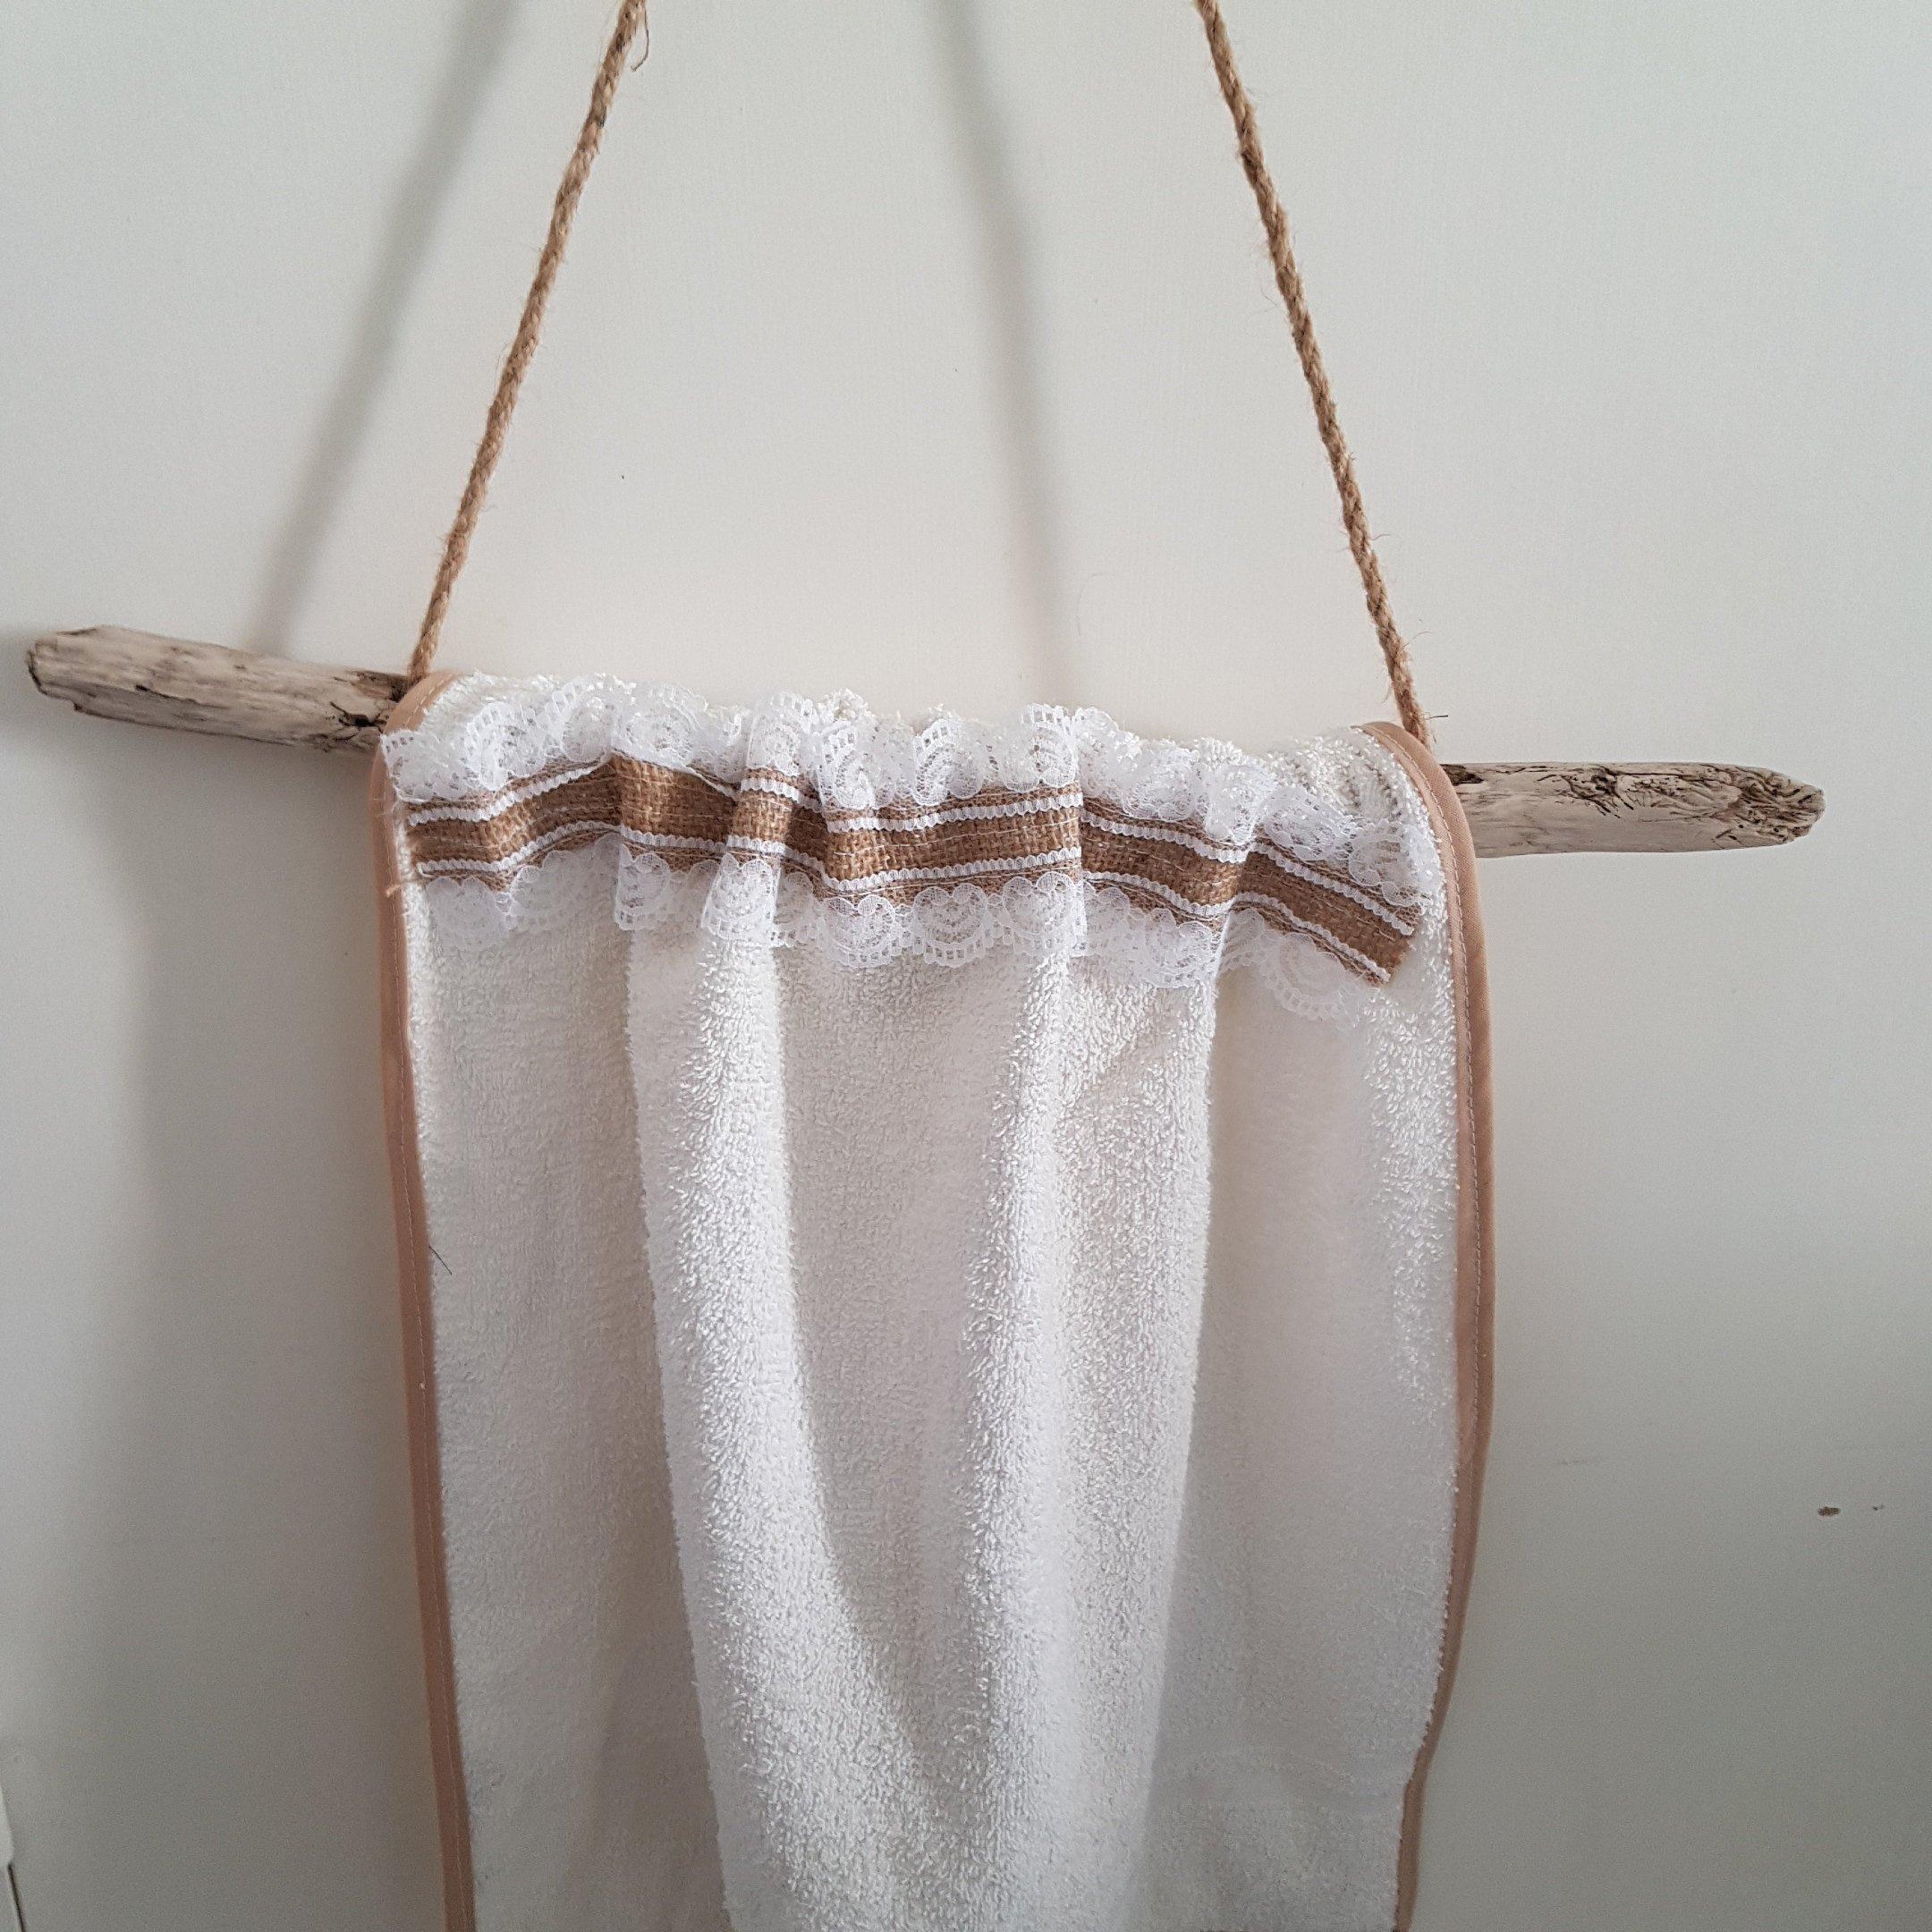 Porte Serviette À Suspendre porte-serviette, essuie-main à suspendre, salle de bain, toilettes, cuisine